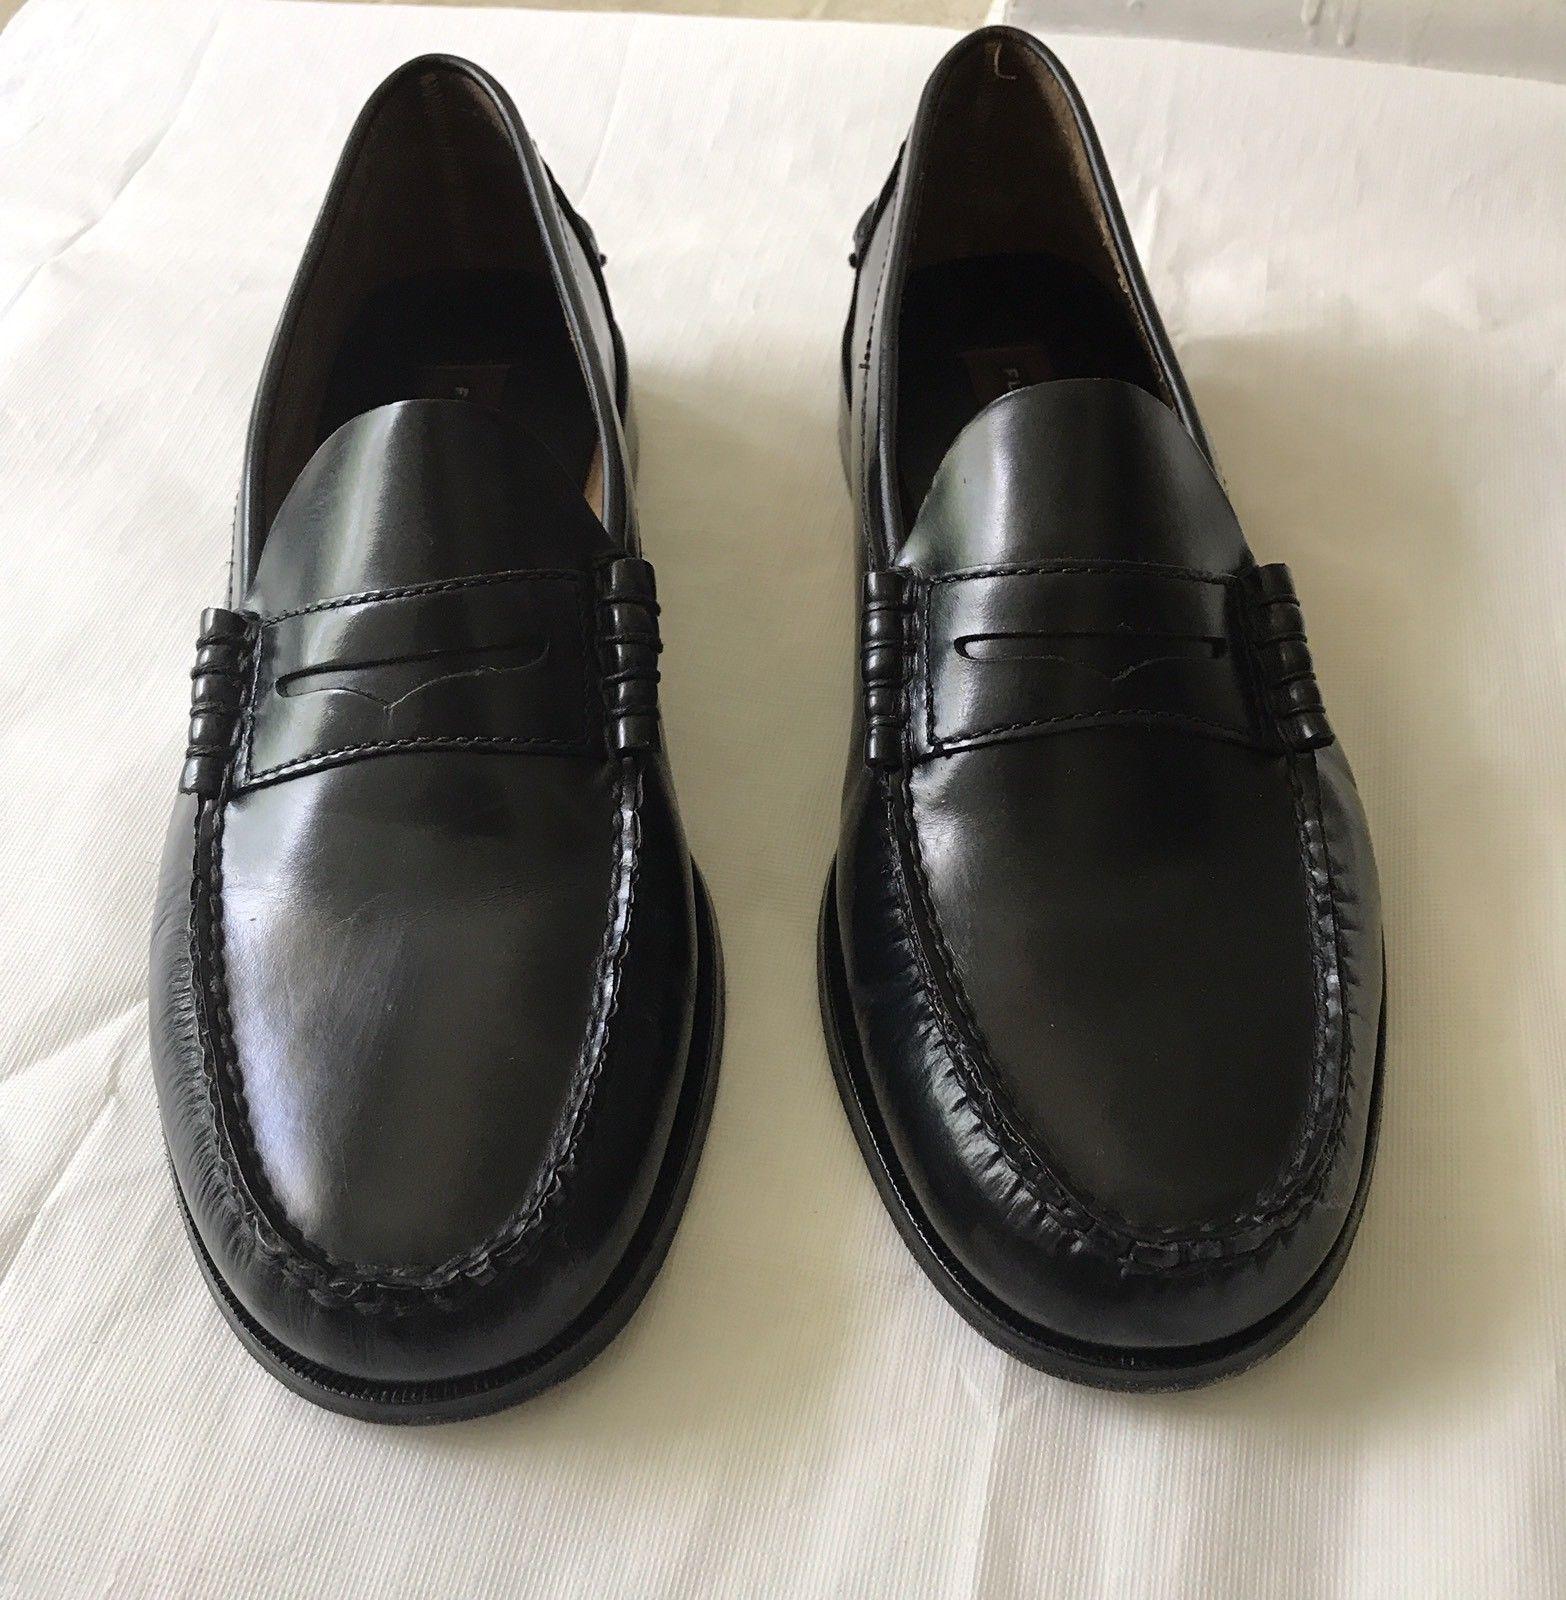 a77601d564c Florsheim Men s Black Leather Moc Penny and 50 similar items. S l1600